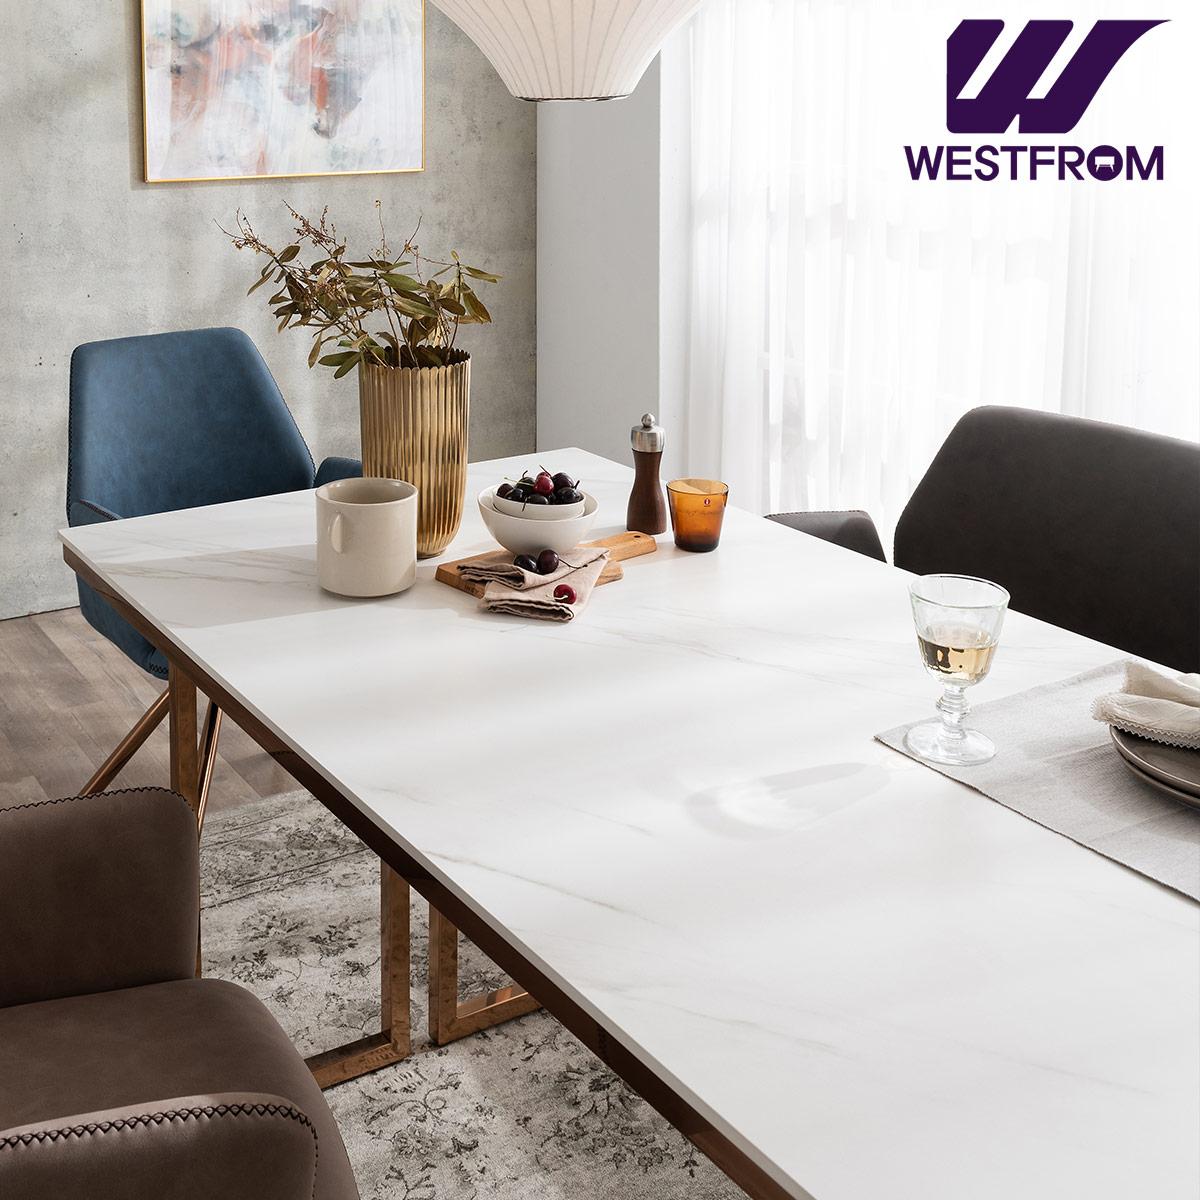 [웨스트프롬] 르노블 4인 포세린 세라믹 식탁 / 테이블만